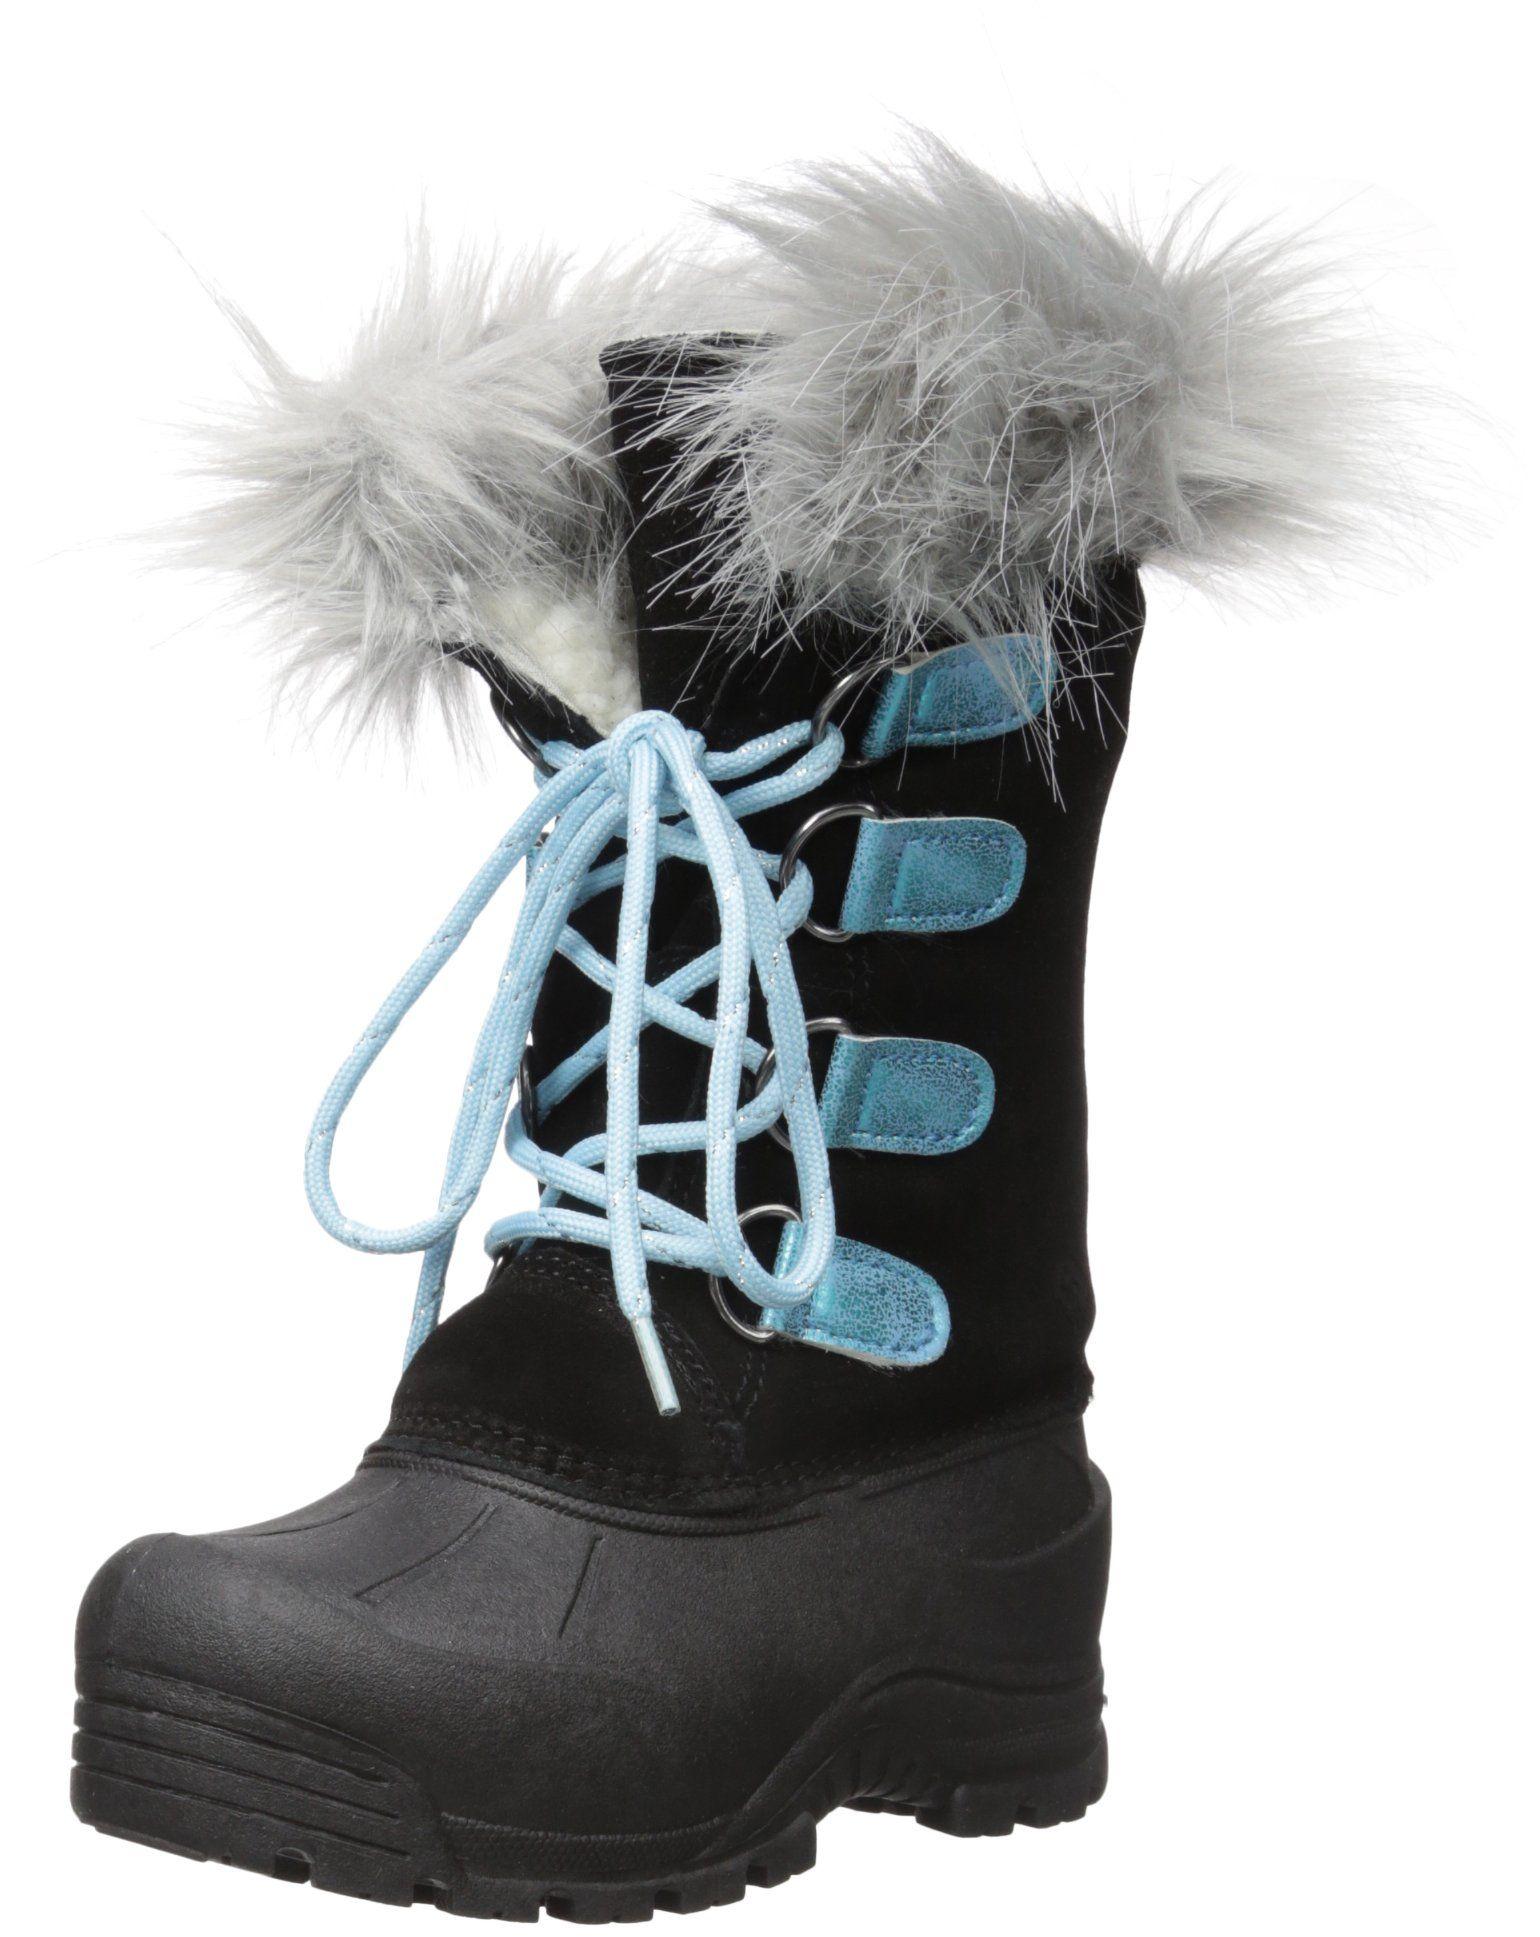 24121f8dd8fa4b Northside Snow Drop II Snow Boot (Little Kid Big Kid)